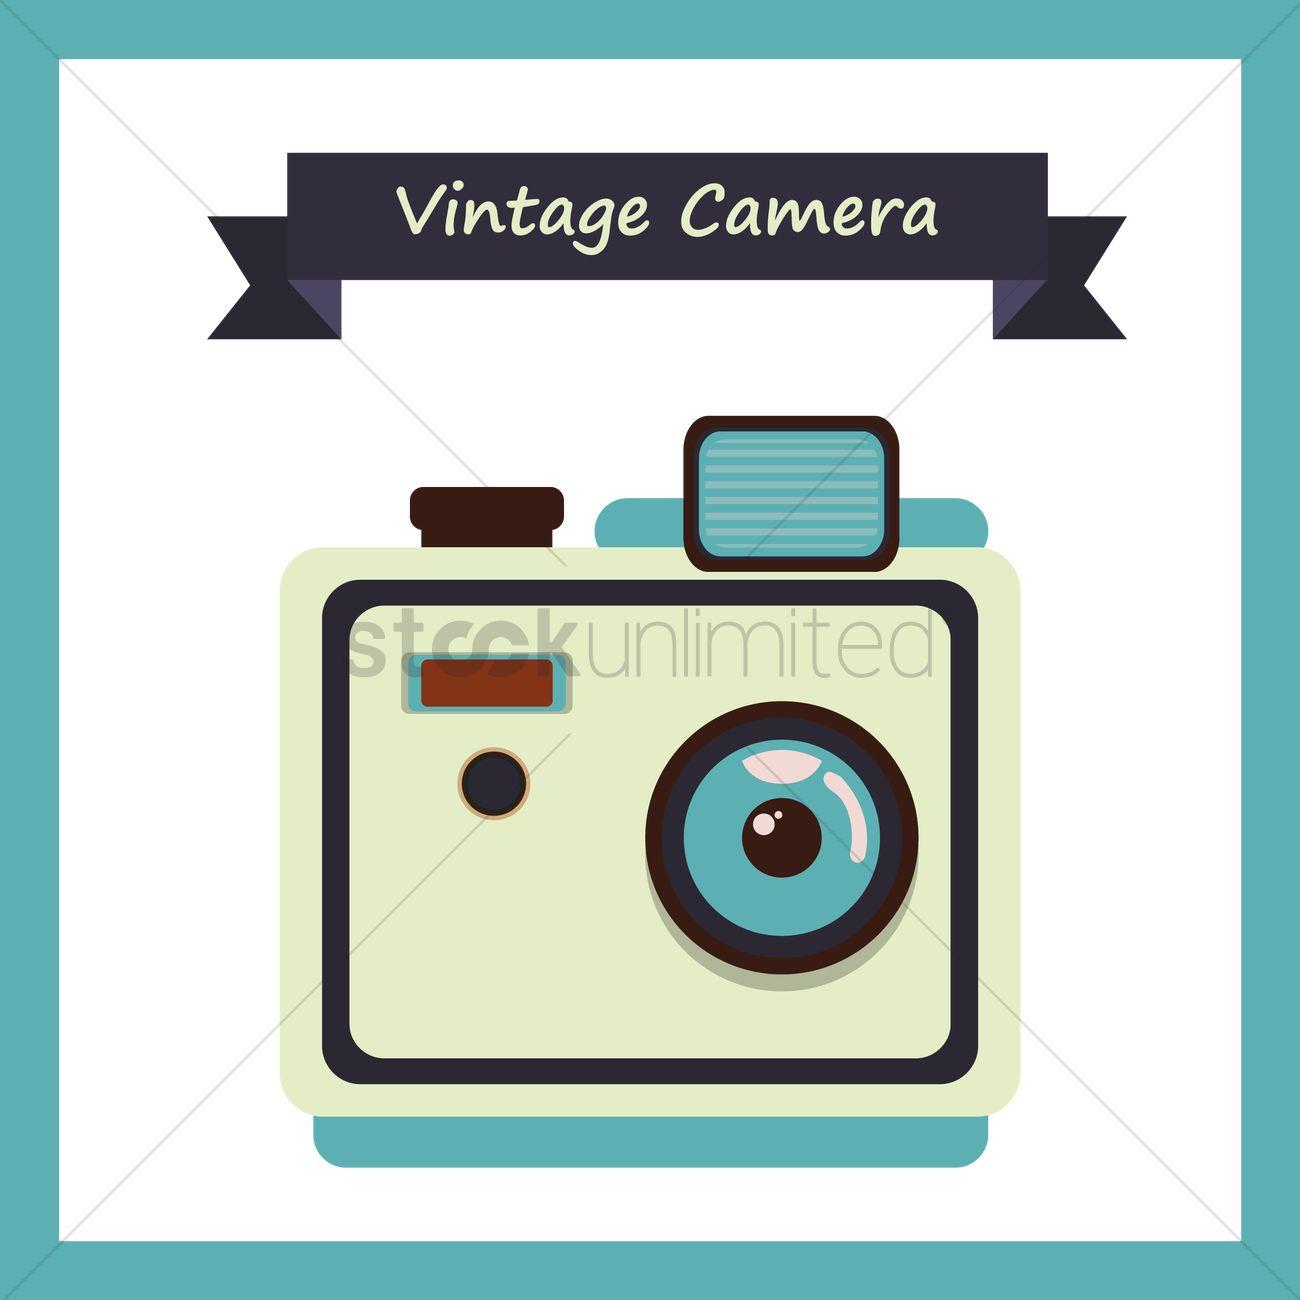 1300x1300 Free Vintage Camera Vector Image